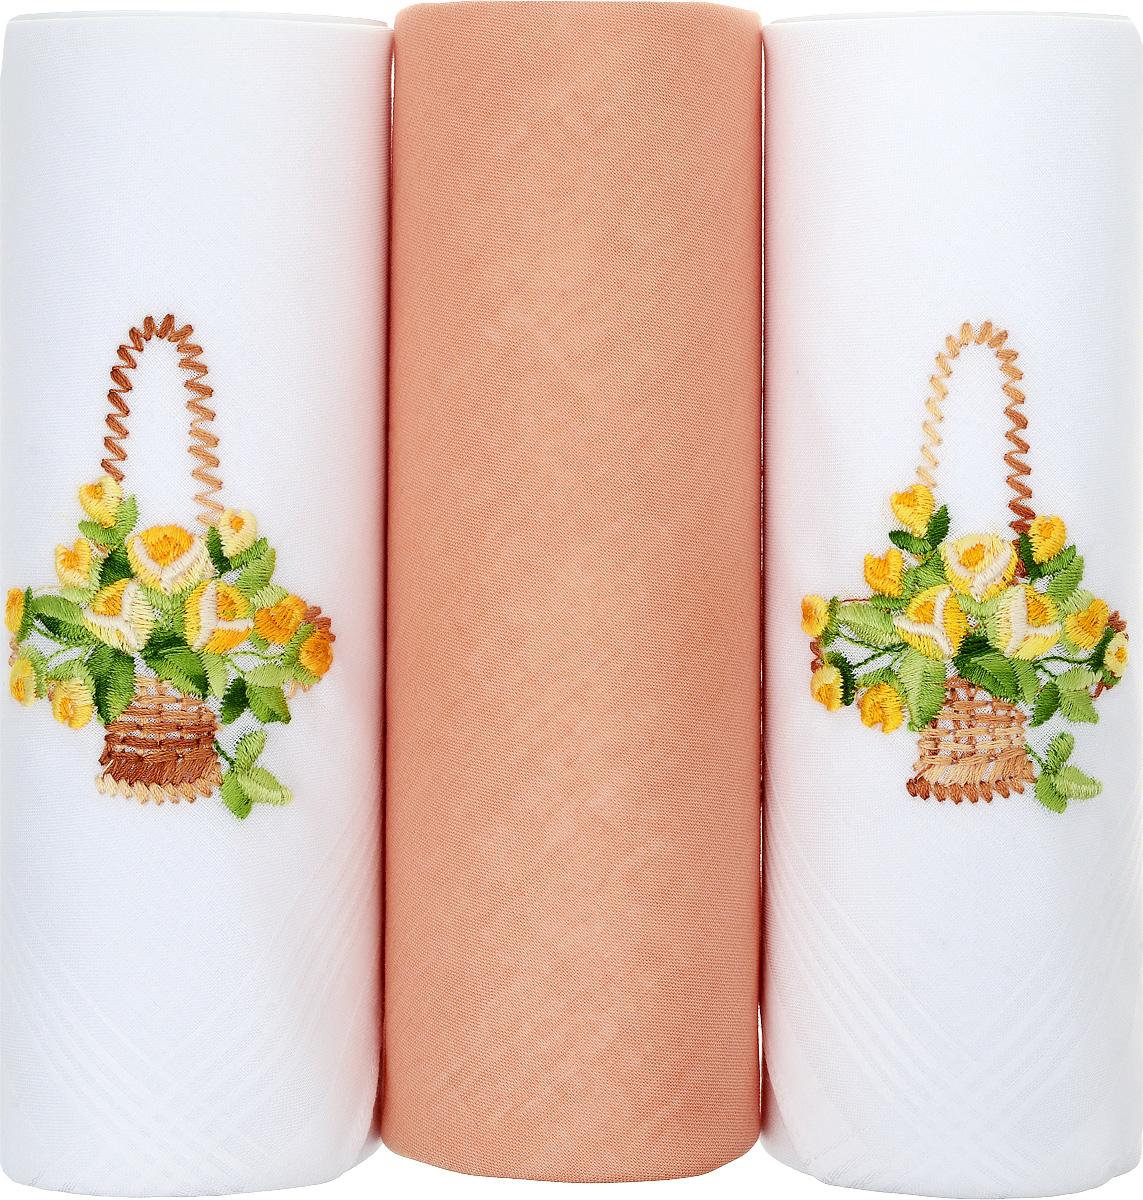 Платок носовой женский Zlata Korunka, цвет: белый, оранжевый. 25605-10. Размер 30 х 30 см, 3 шт25605-10Носовой платок Zlata Korunka изготовлен из высококачественного натурального хлопка, благодаря чему приятен в использовании, хорошо стирается, не садится и отлично впитывает влагу. Практичный и изящный носовой платок будет незаменим в повседневной жизни любого современного человека. Такой платок послужит стильным аксессуаром и подчеркнет ваше превосходное чувство вкуса. В комплекте 3 платка.